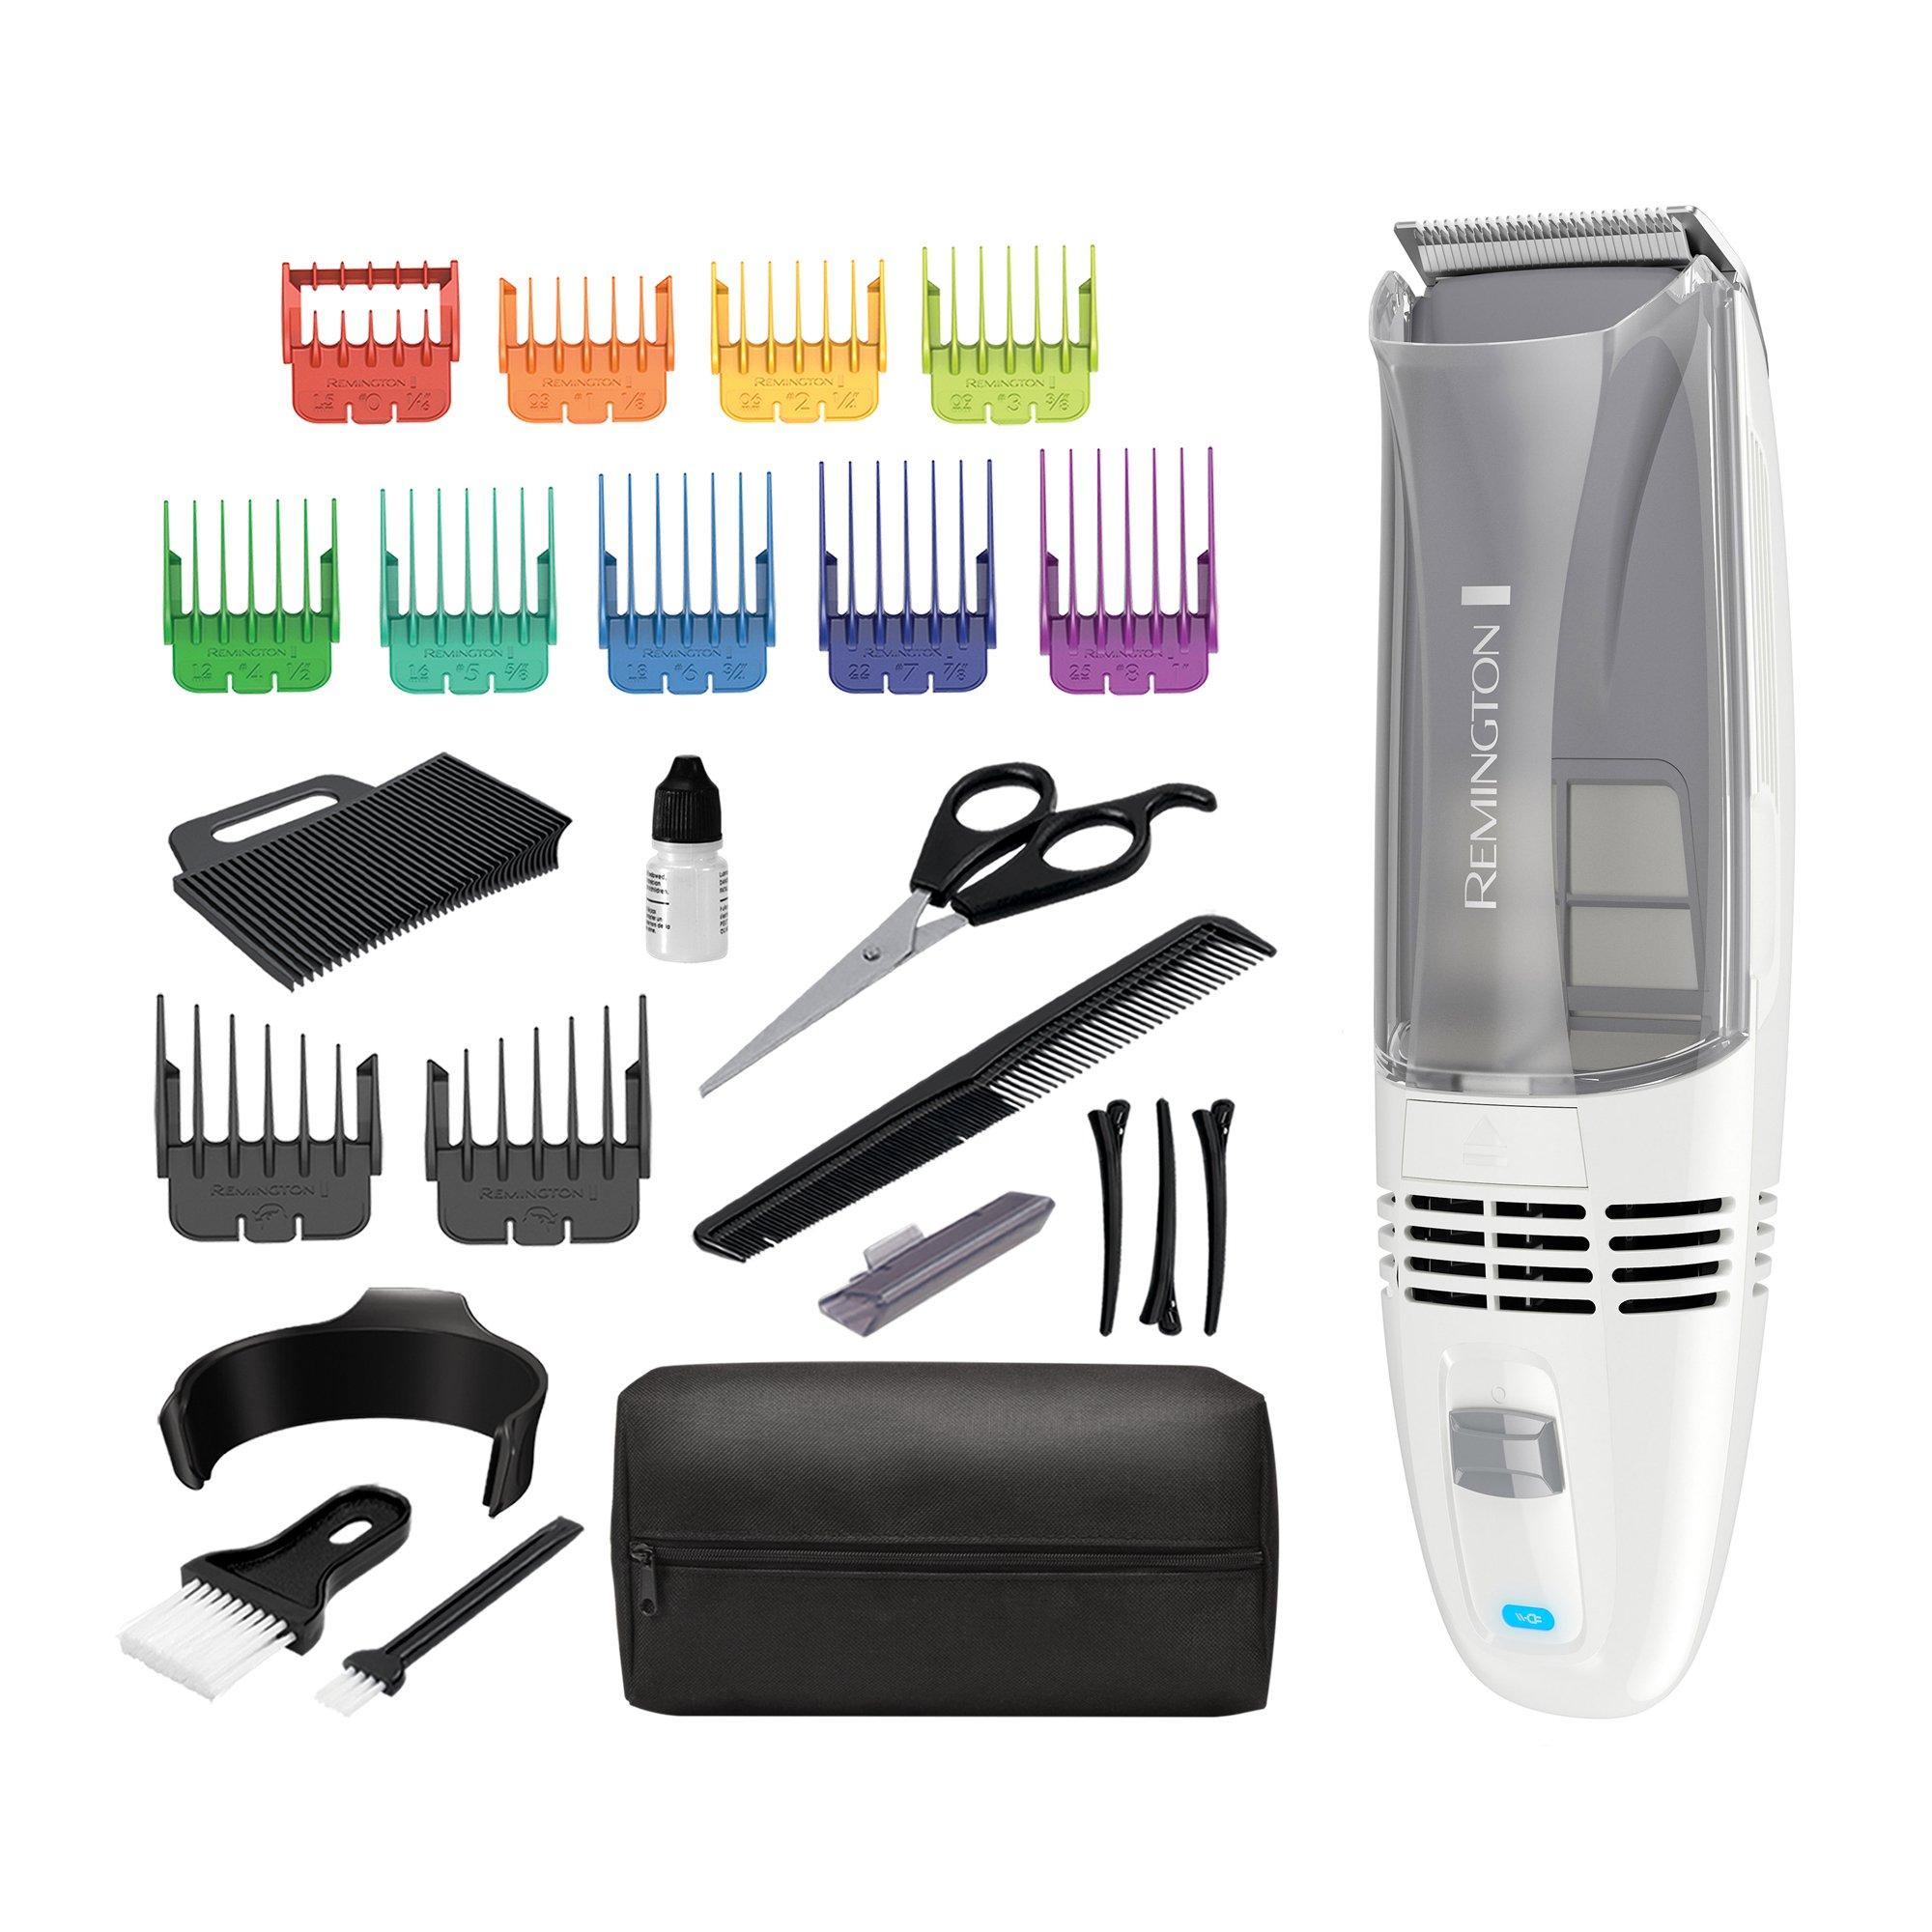 Remington HC6525 Color Comb Vacuum Haircut Kit, Vacuum Trimmer, Hair Clippers, Hair Trimmer, Clippers, White